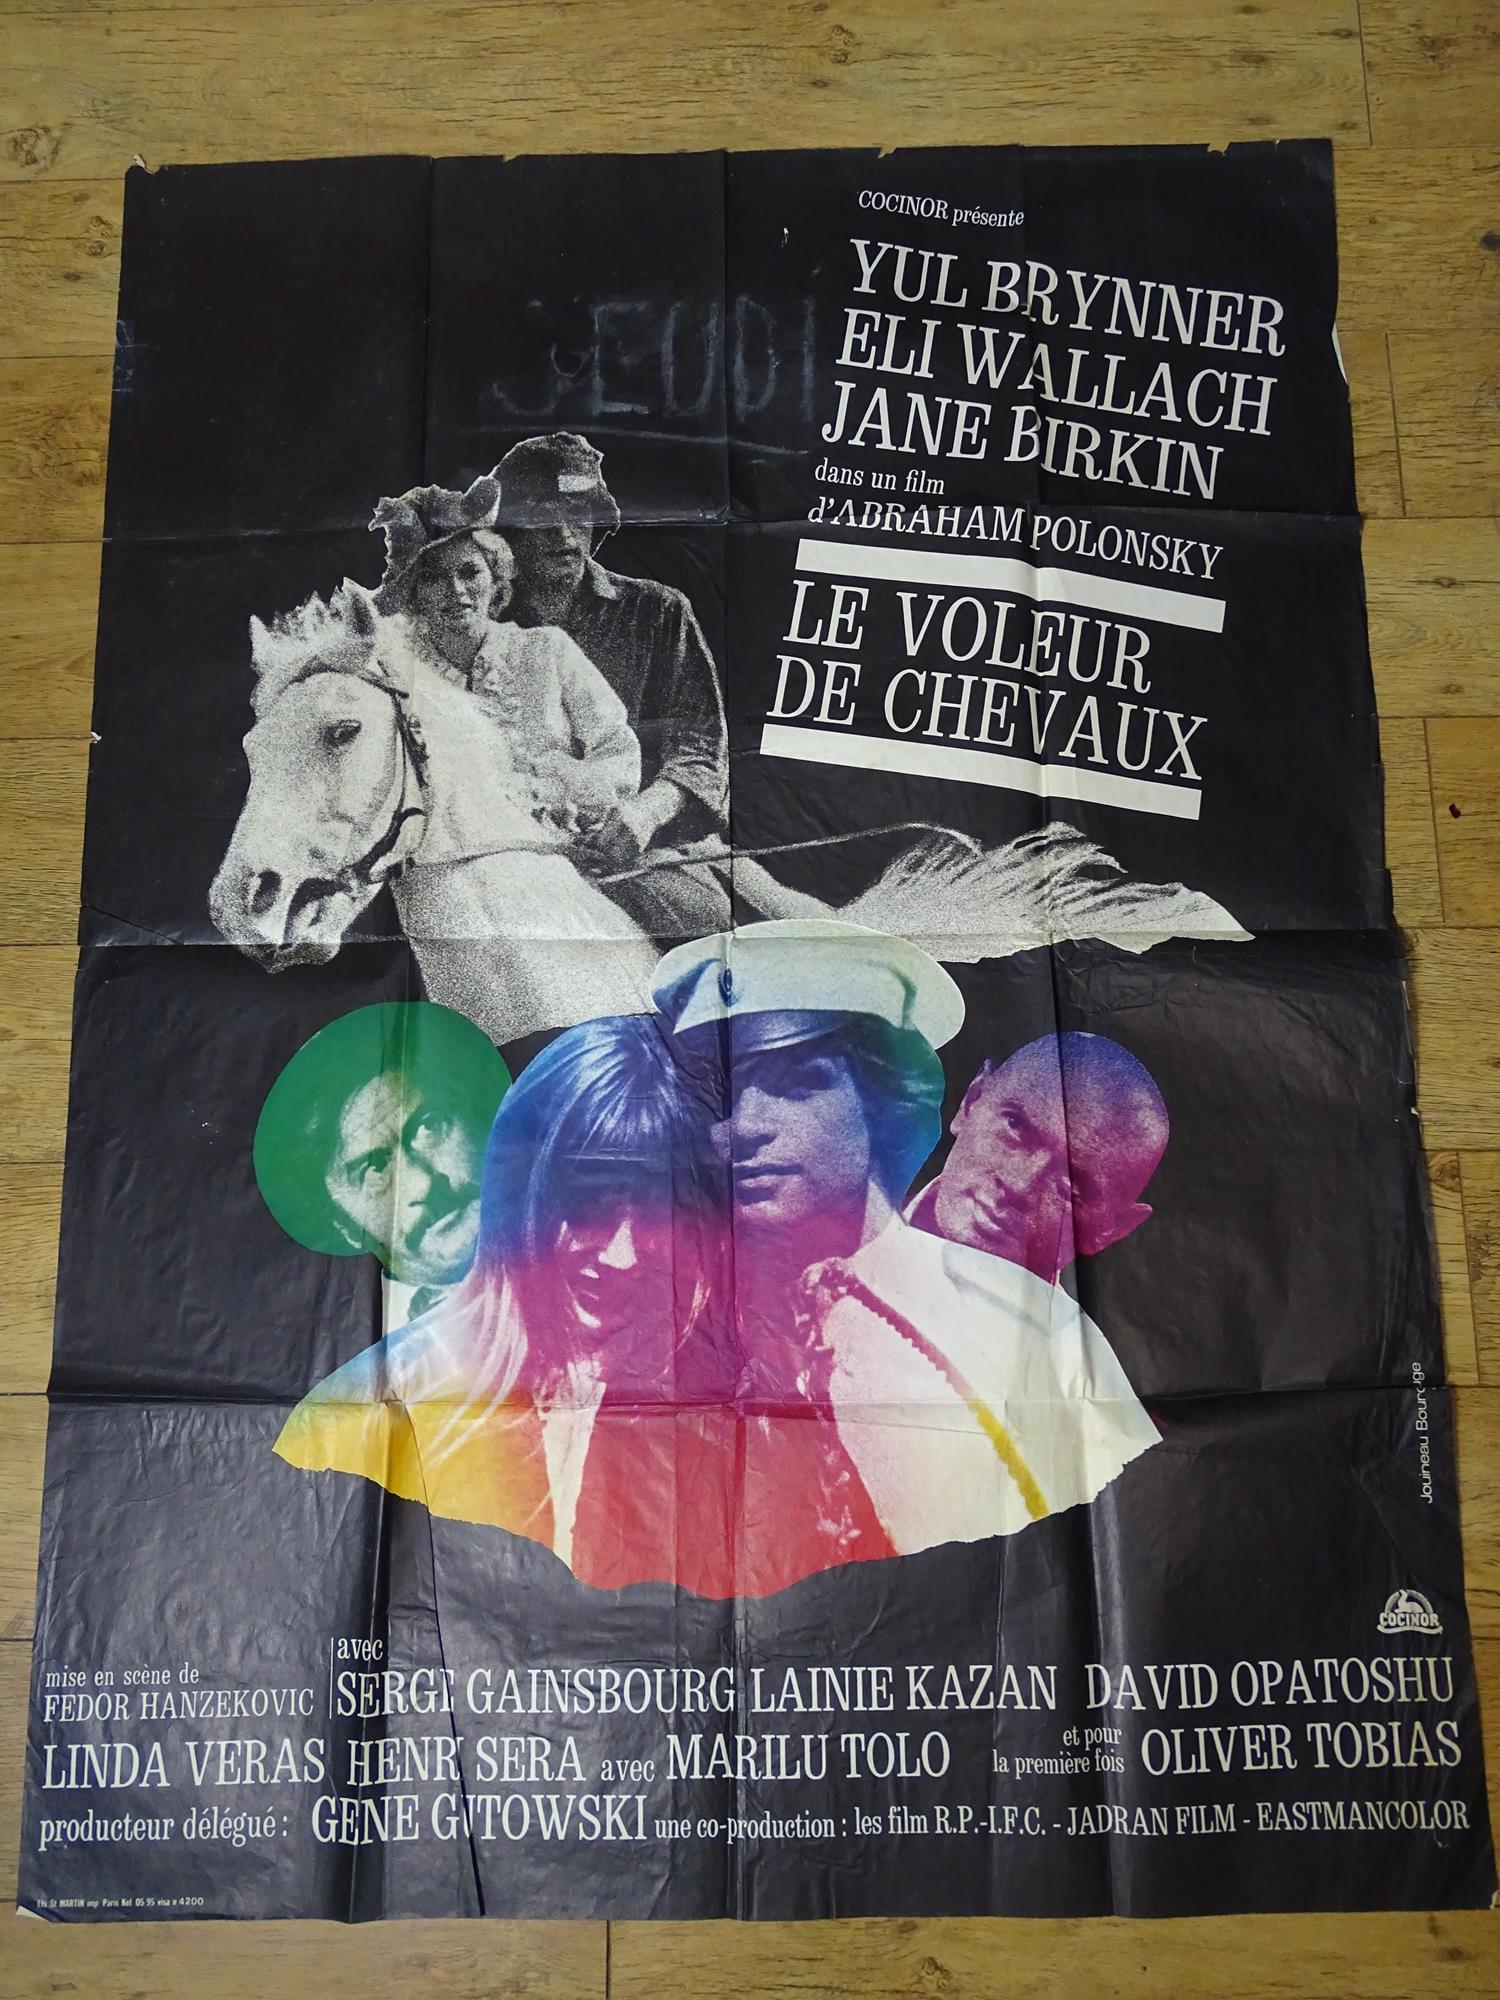 LE VOLEUR DE CHEVAUX (AKA LE ROMAN DE CHEVAUX) (ROMANCE OF A HORSE THIEF) 1971 - YUL BRYNNER / SERGE